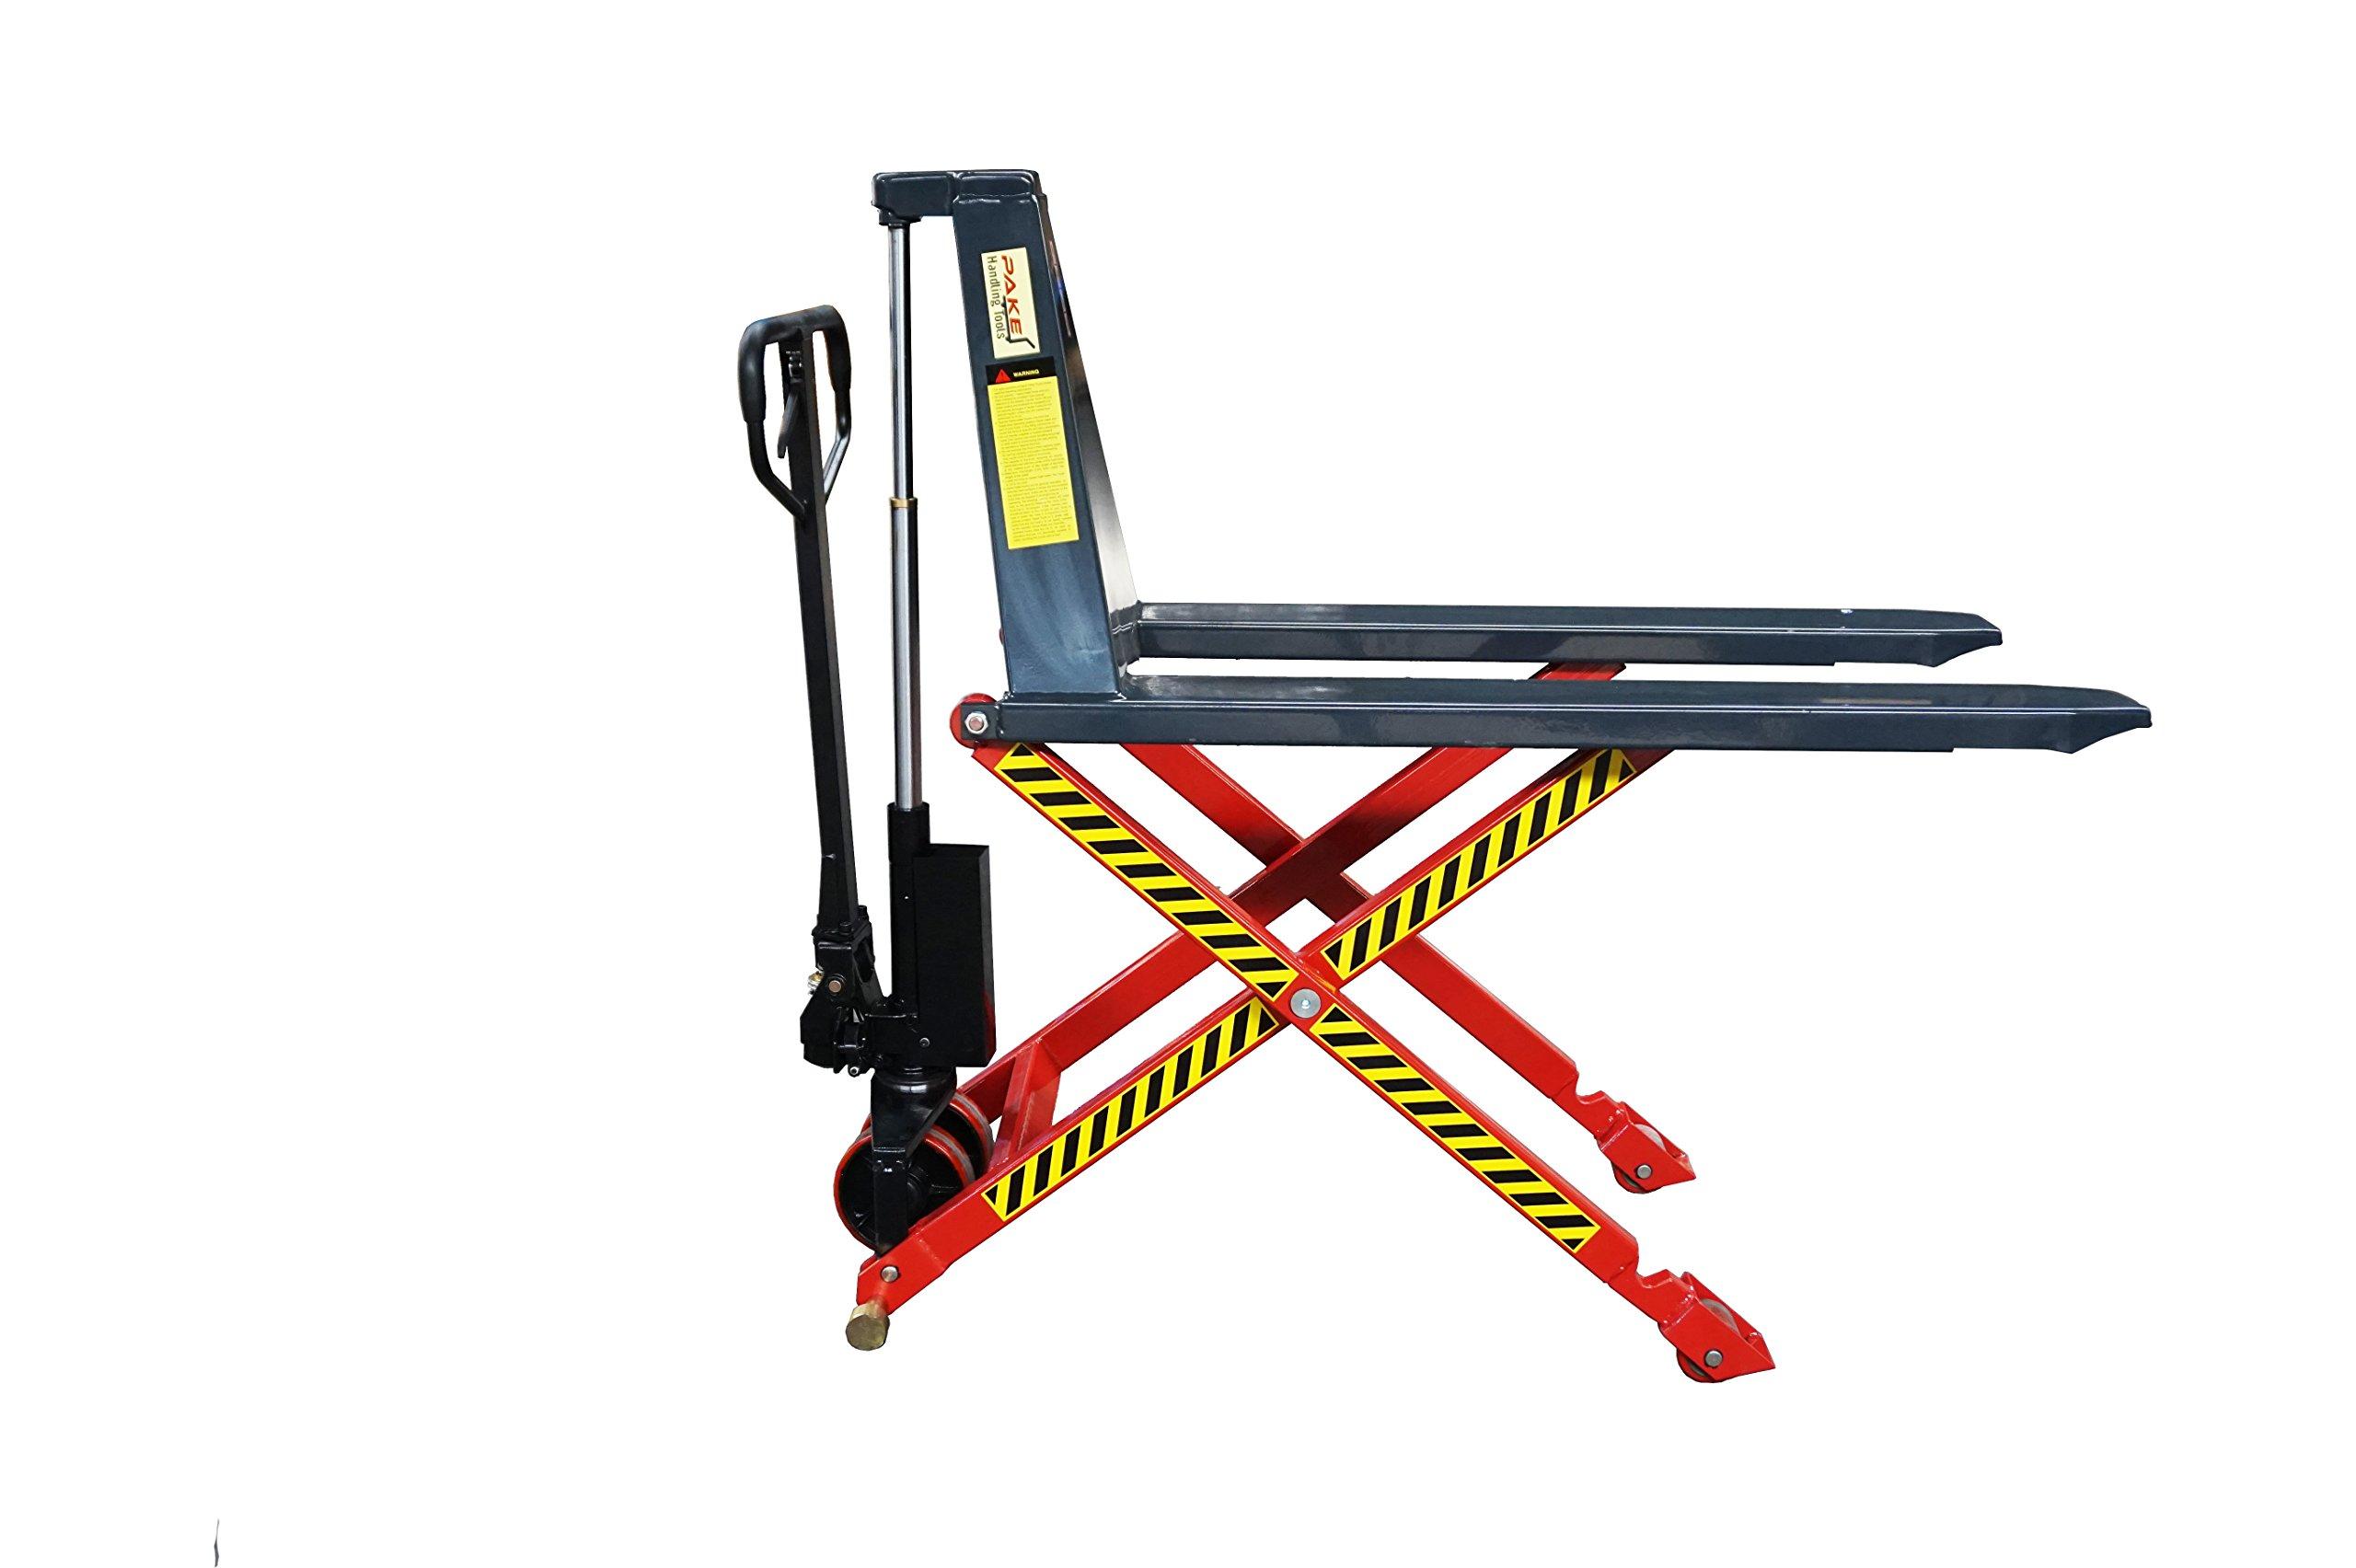 Pake Handling Tools - Manual High Lift Pallet Jack, 3300lbs Capacity